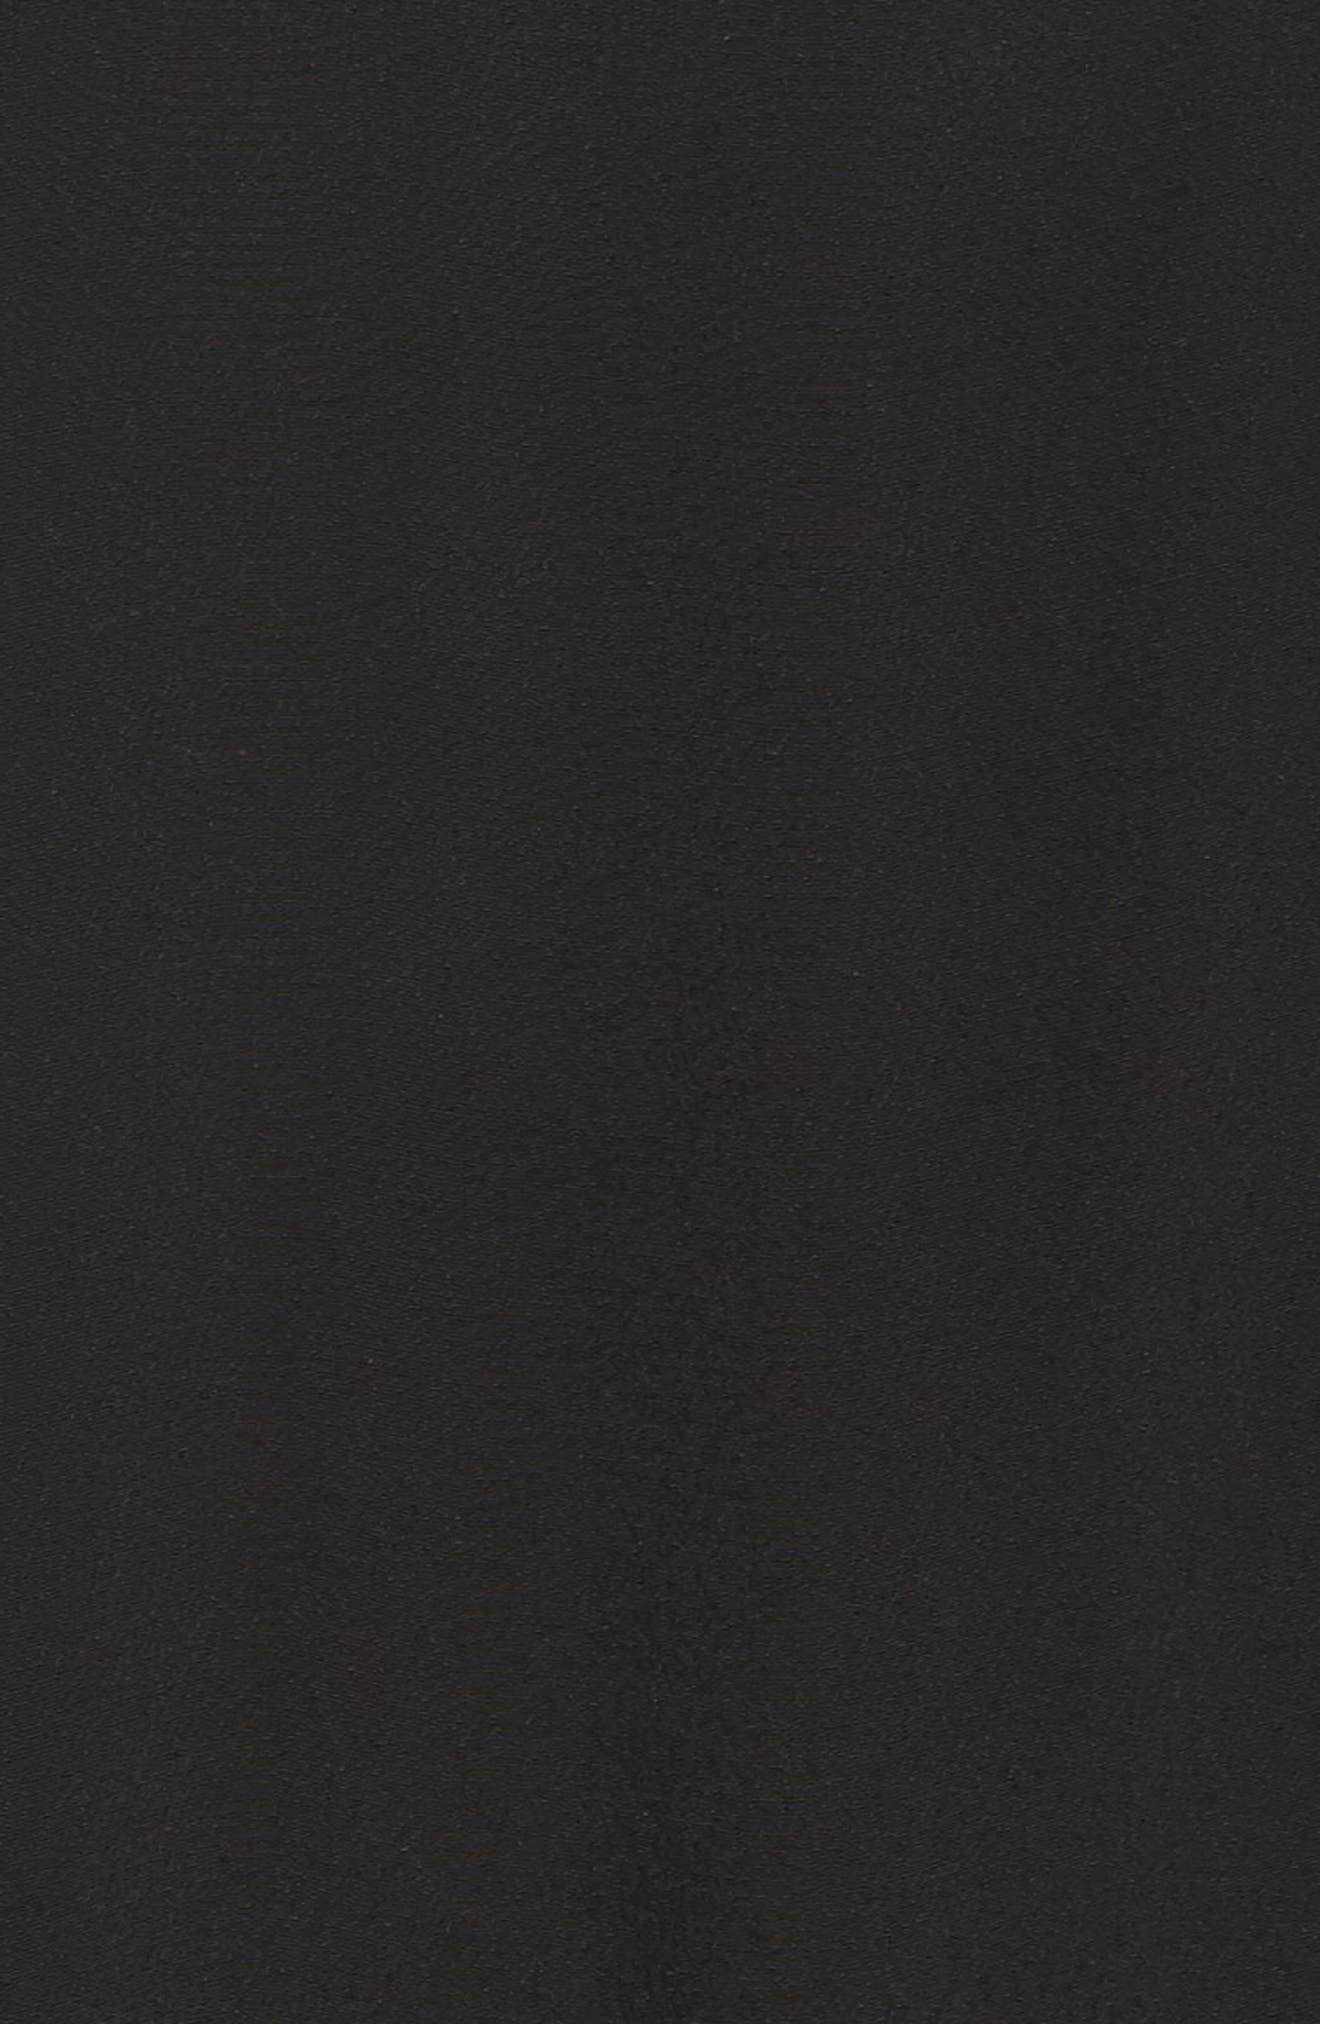 Jolie Lace Accent Cover-Up Dress,                             Alternate thumbnail 5, color,                             001